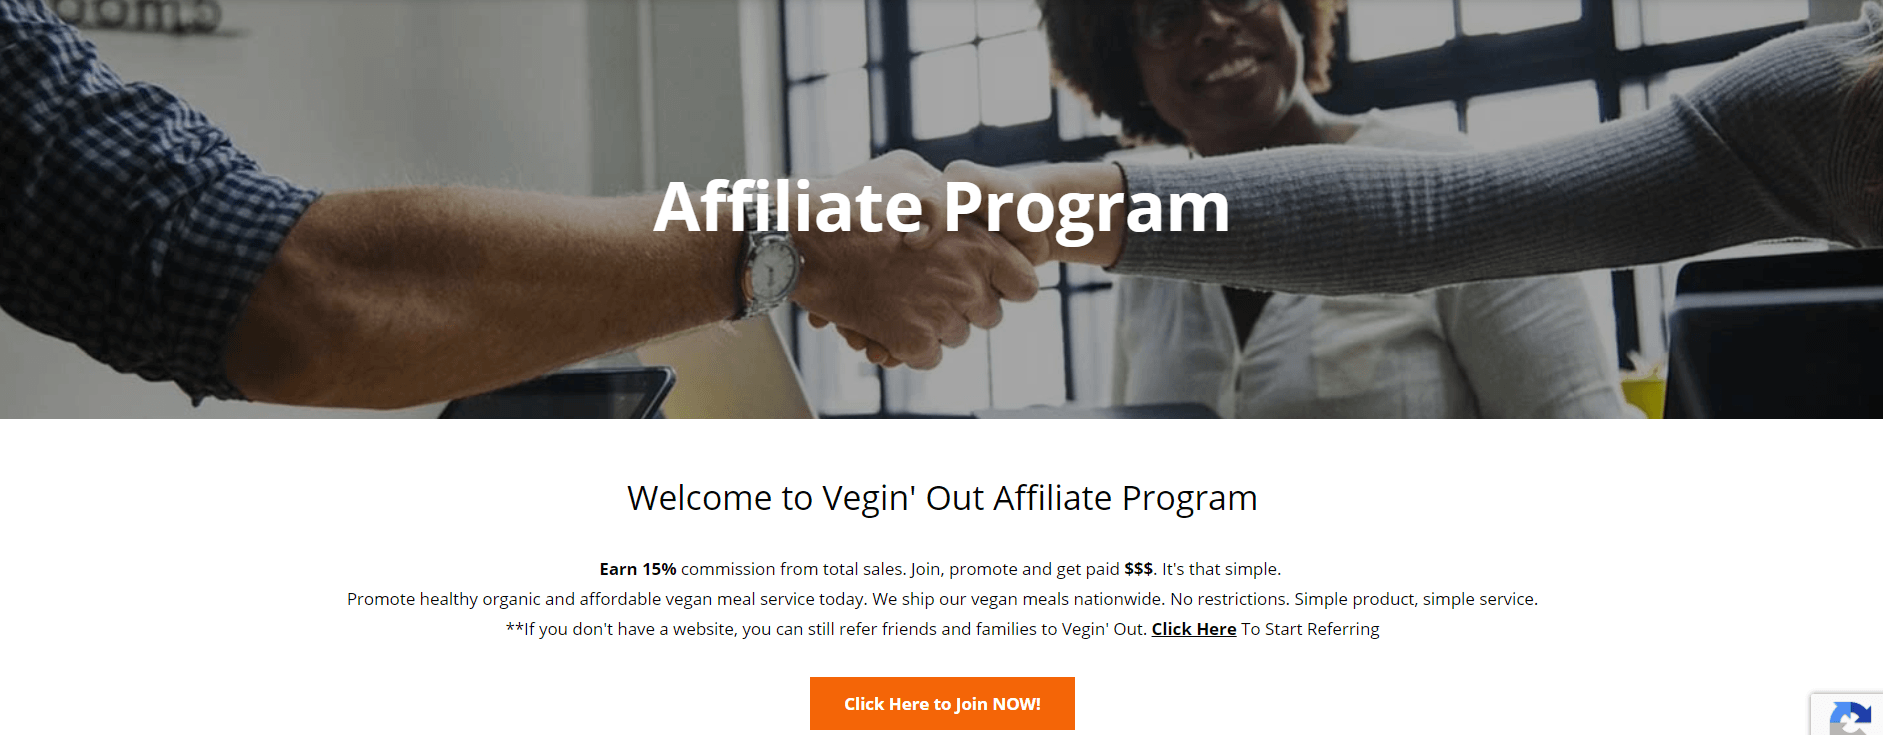 Vegin Out - Join Affiliate Program